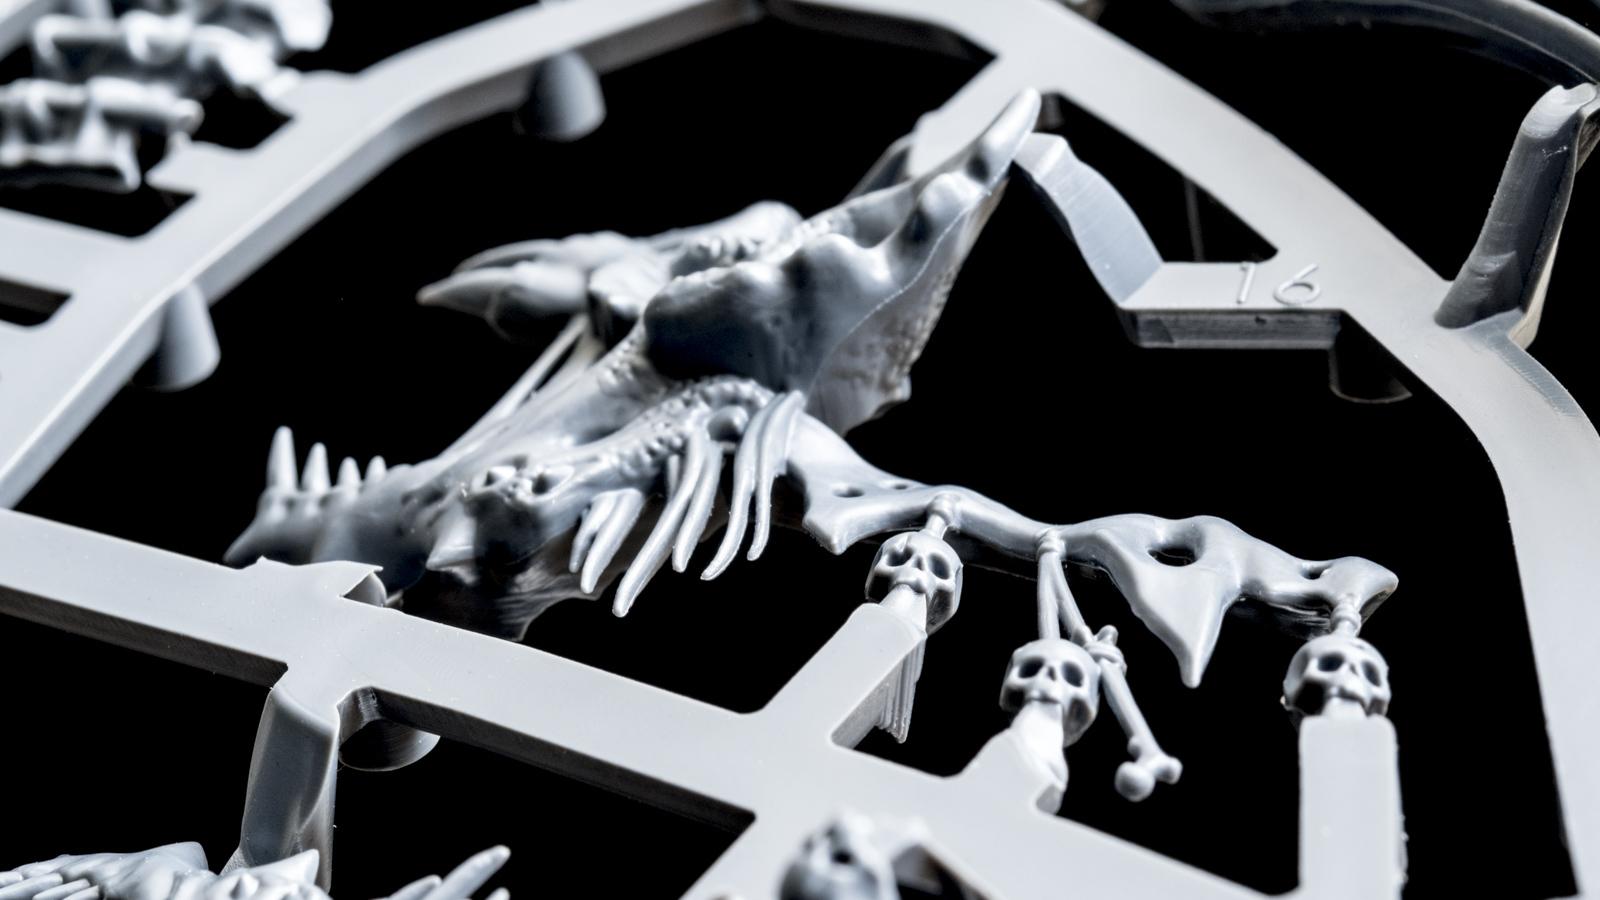 キミは腐ったドラゴンのプラモデルを組んだことがあるか(前編)_b0029315_23145023.jpg